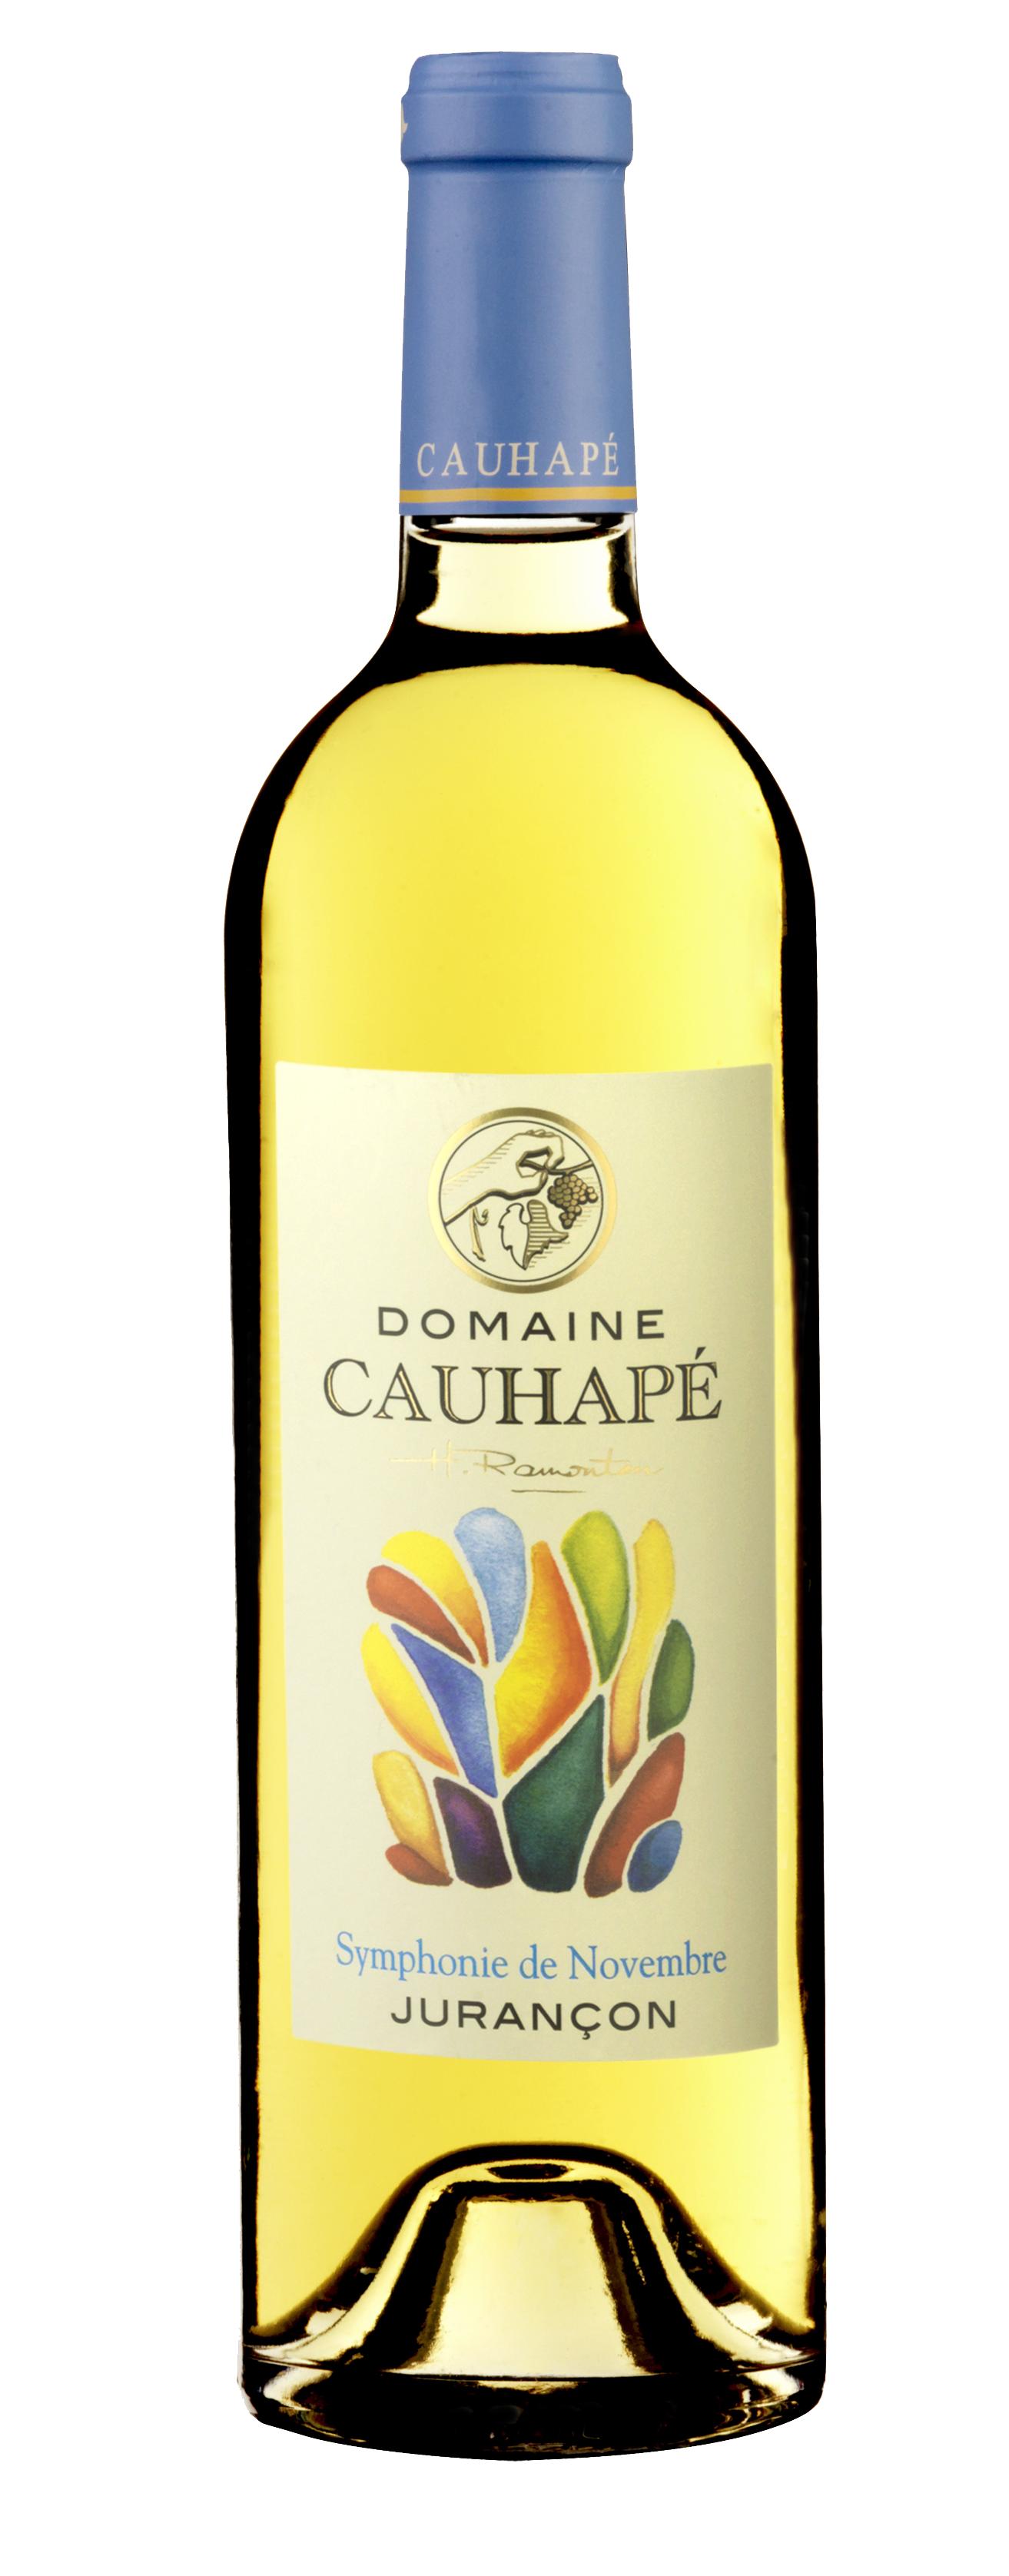 Domaine Cauhapé, `Symphonie de Novembre` Jurançon Moelleux 2015